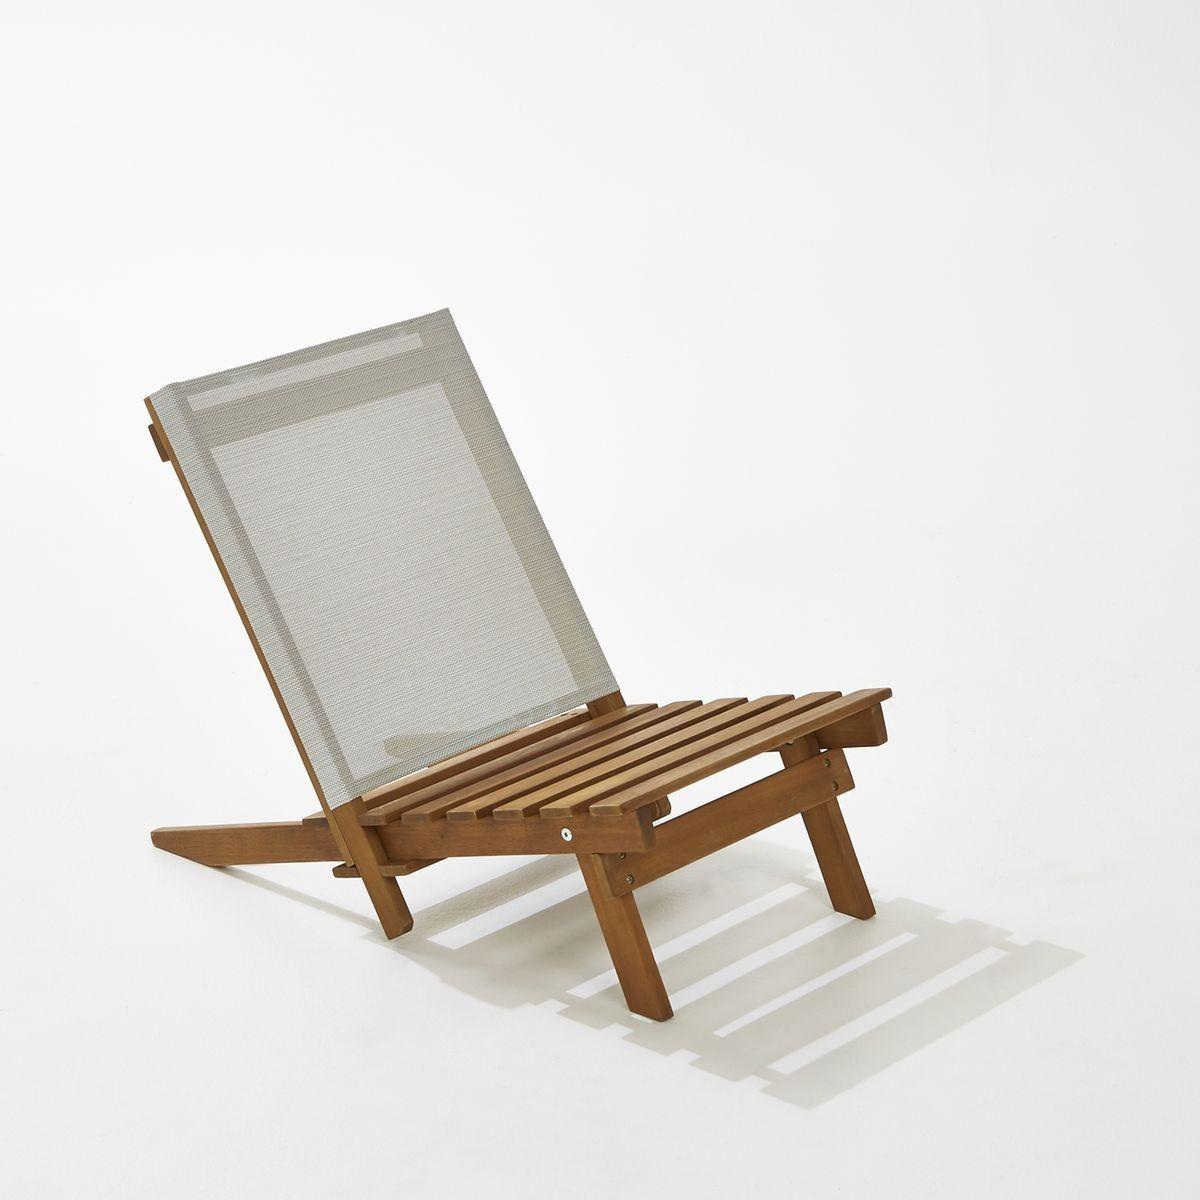 Emportez Votre Chaise Basse Partout En Balade ! Parfaite ... encequiconcerne Chaise Basse De Jardin